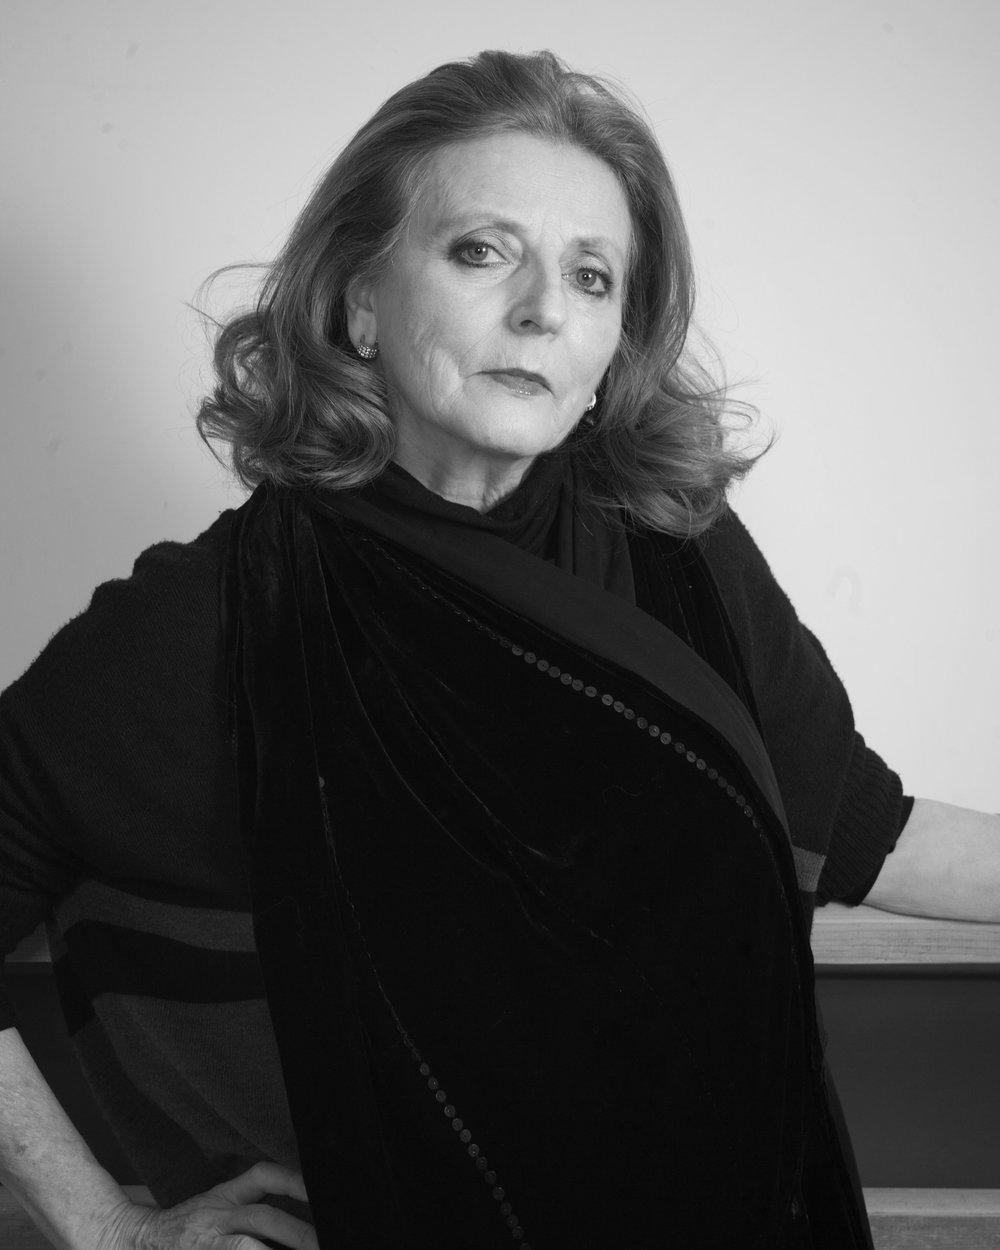 Penelope Evans